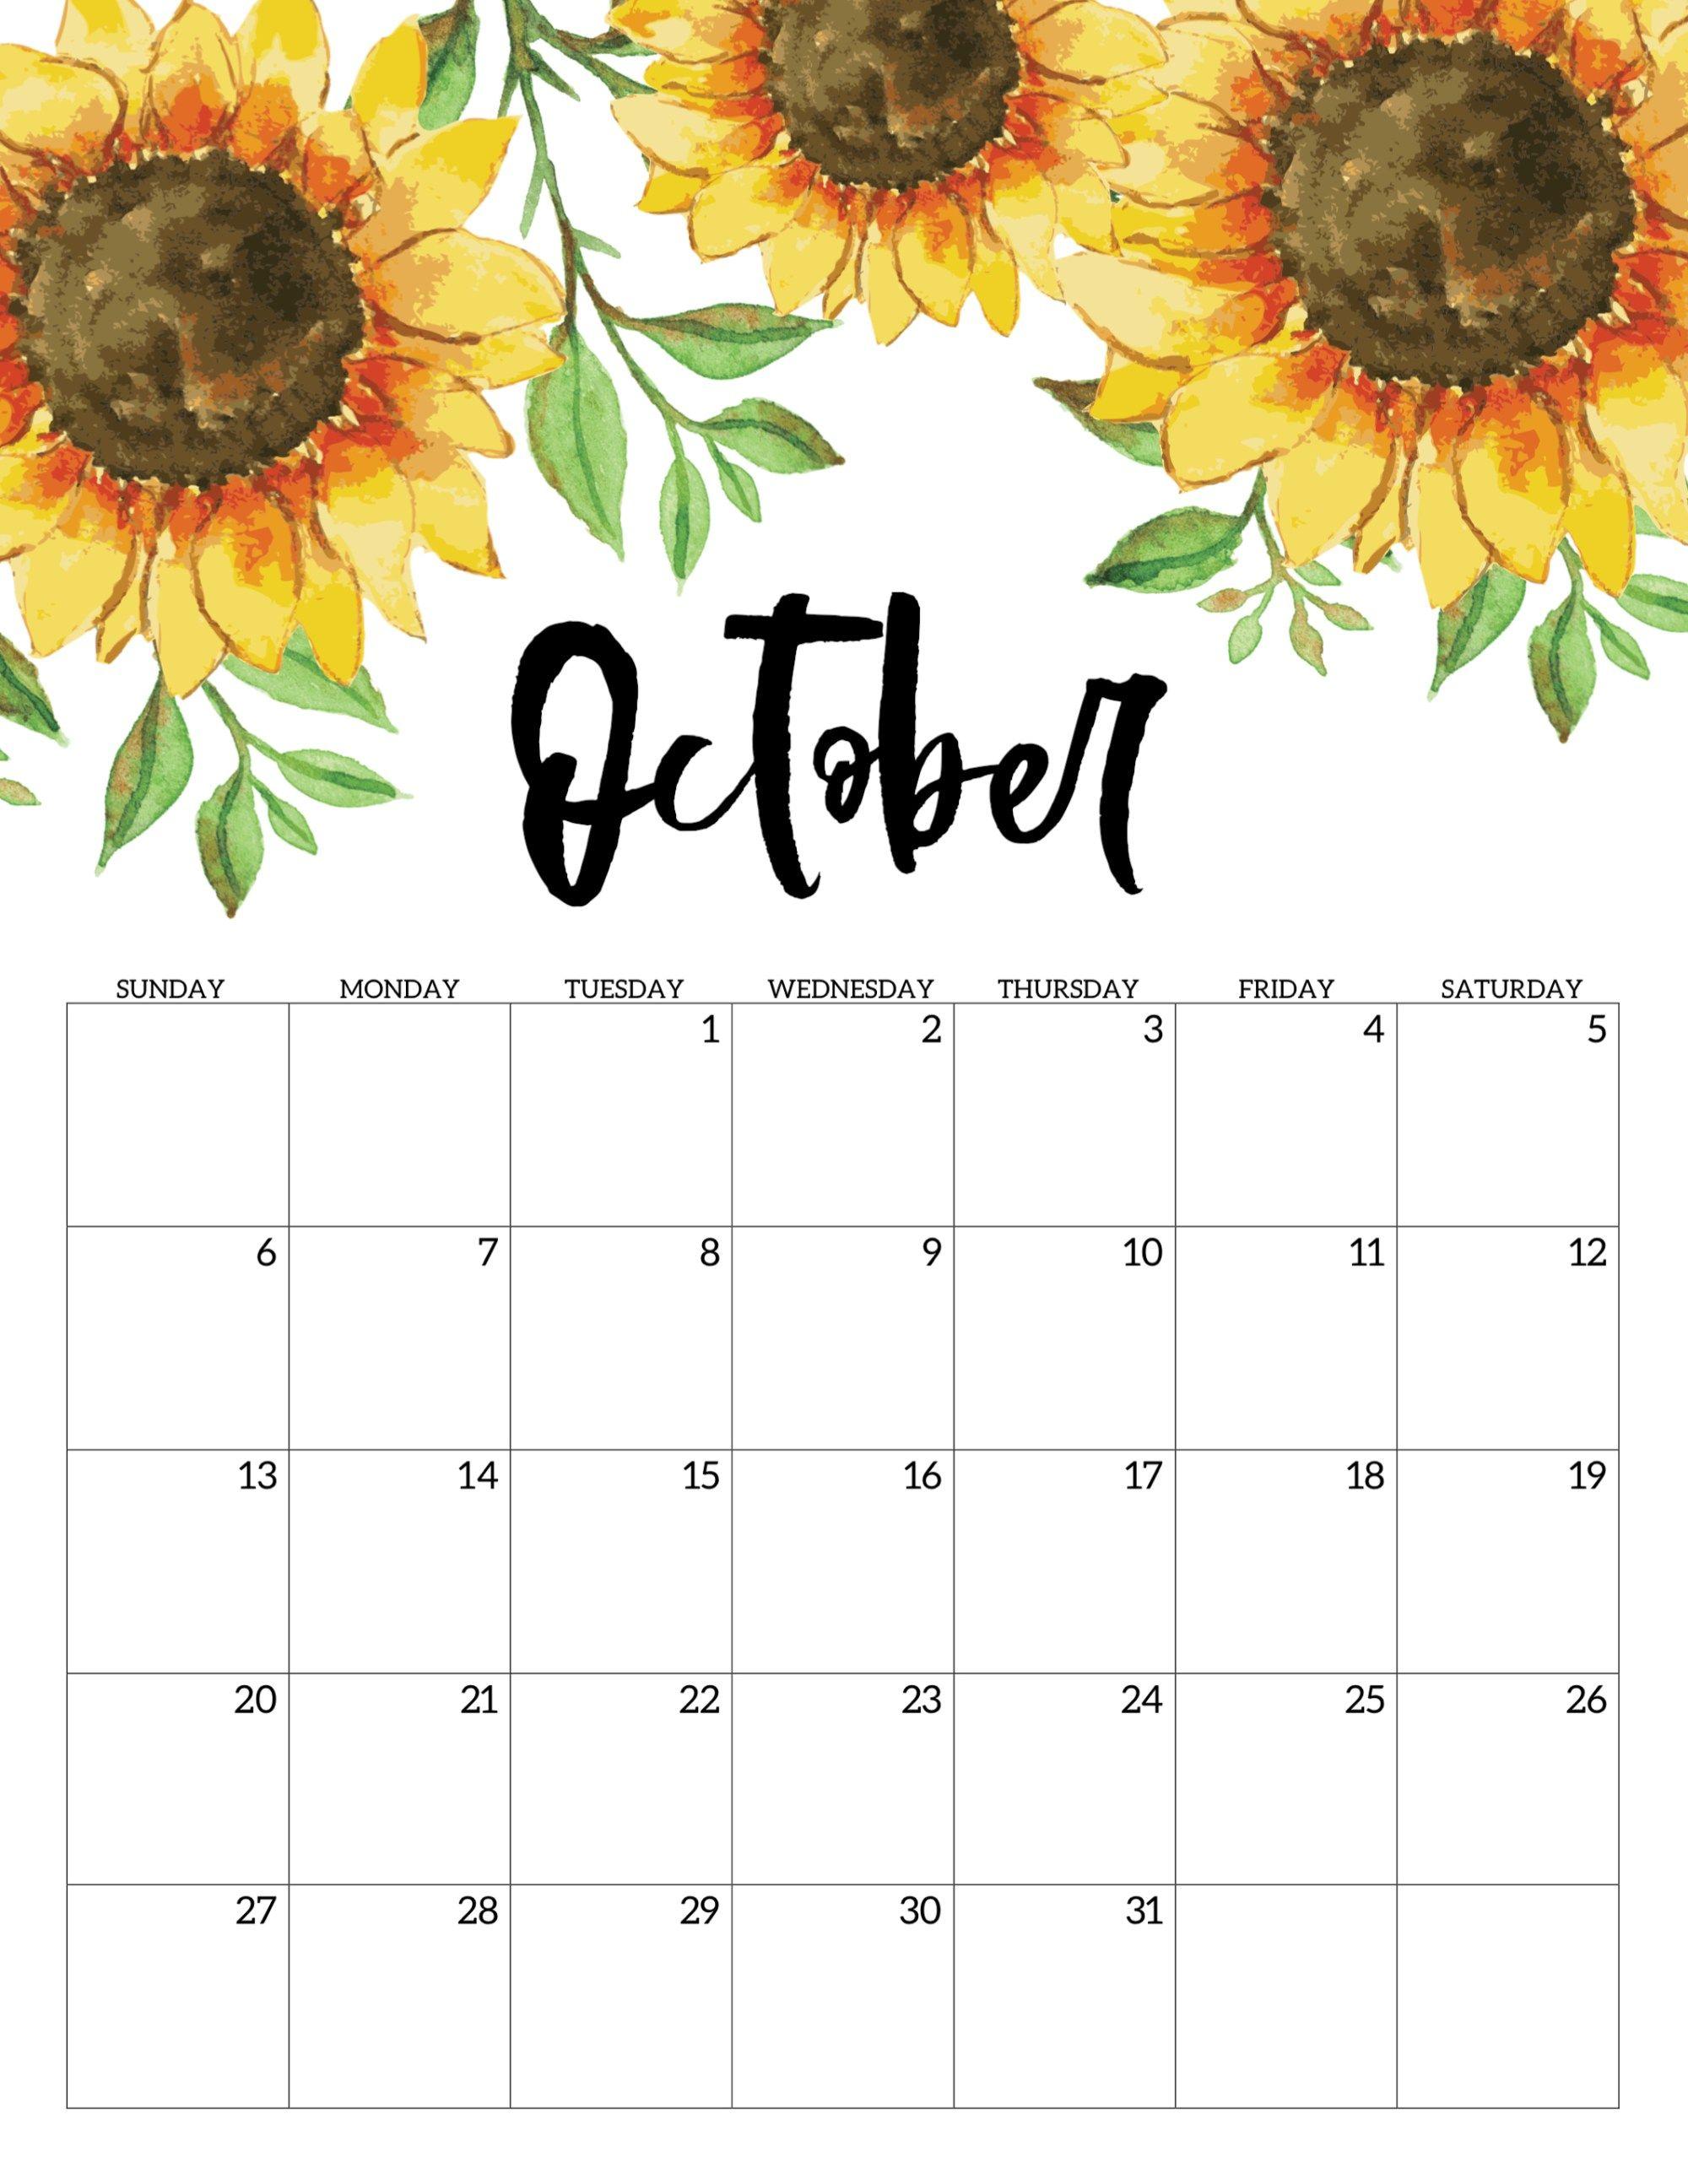 Free Printable Calendar 2019 Floral Desain Pamflet Ide Menggambar